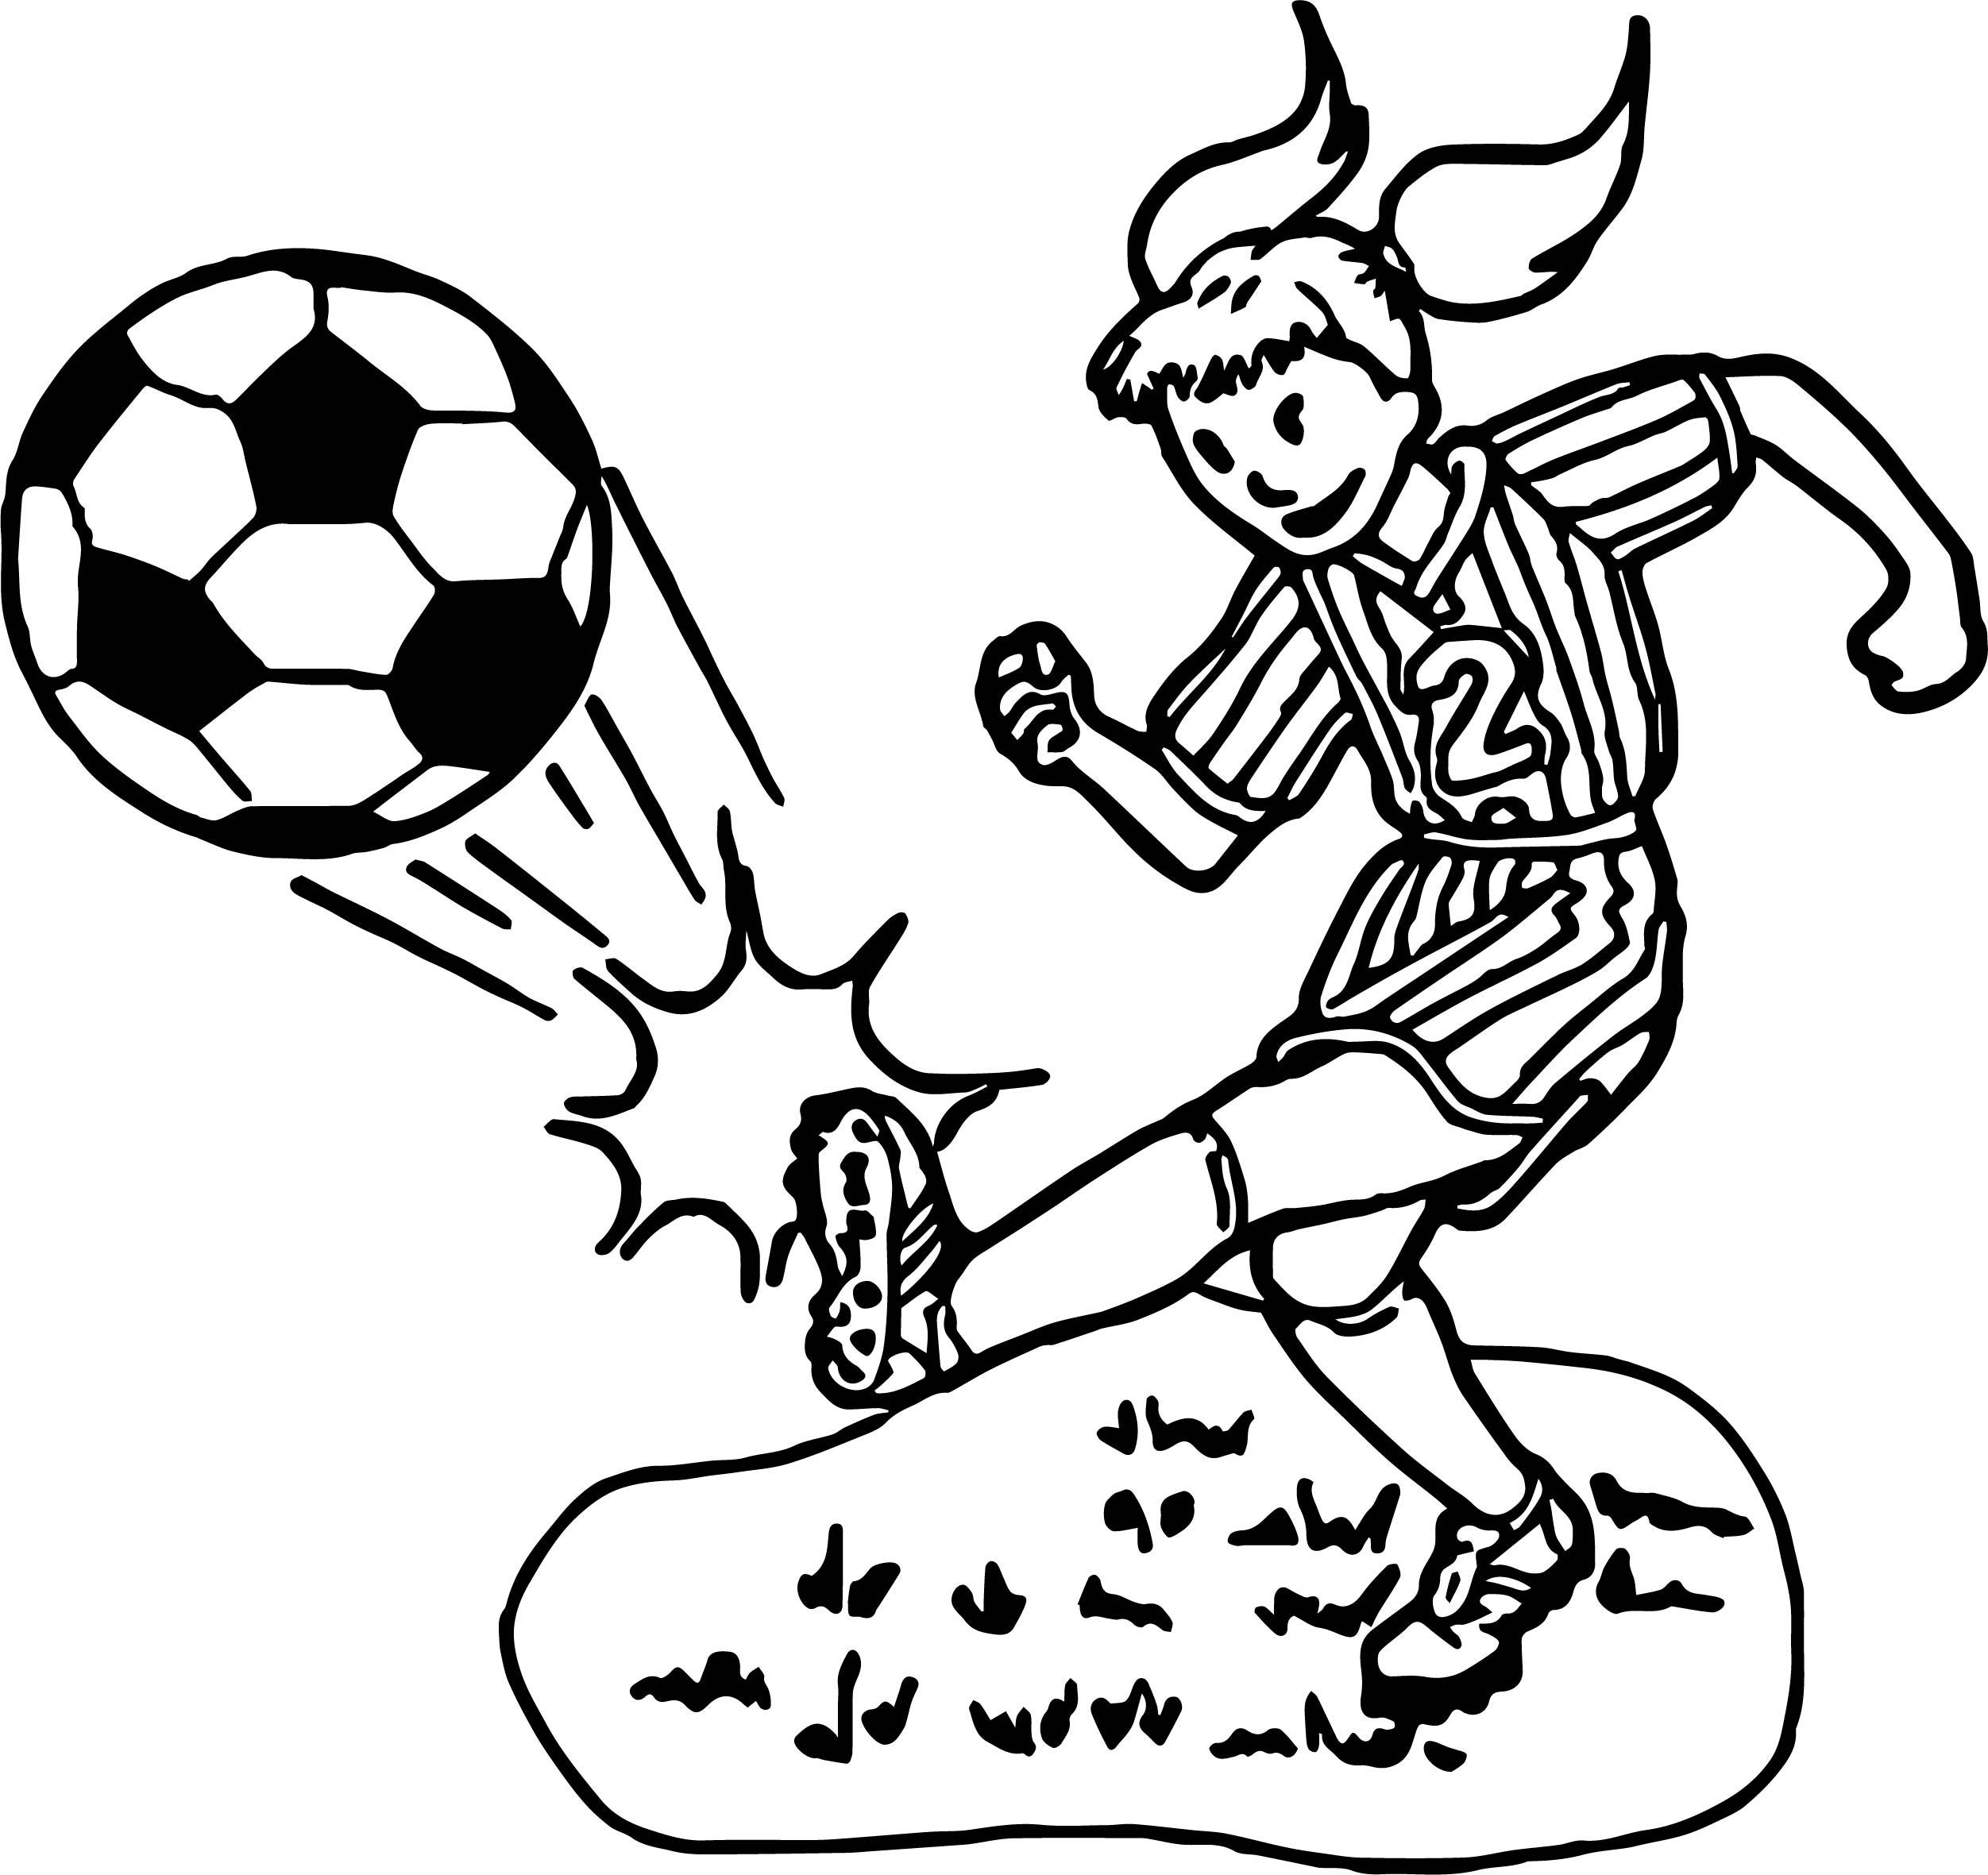 kid girl playing soccer playing football coloring page - Girl Soccer Player Coloring Pages